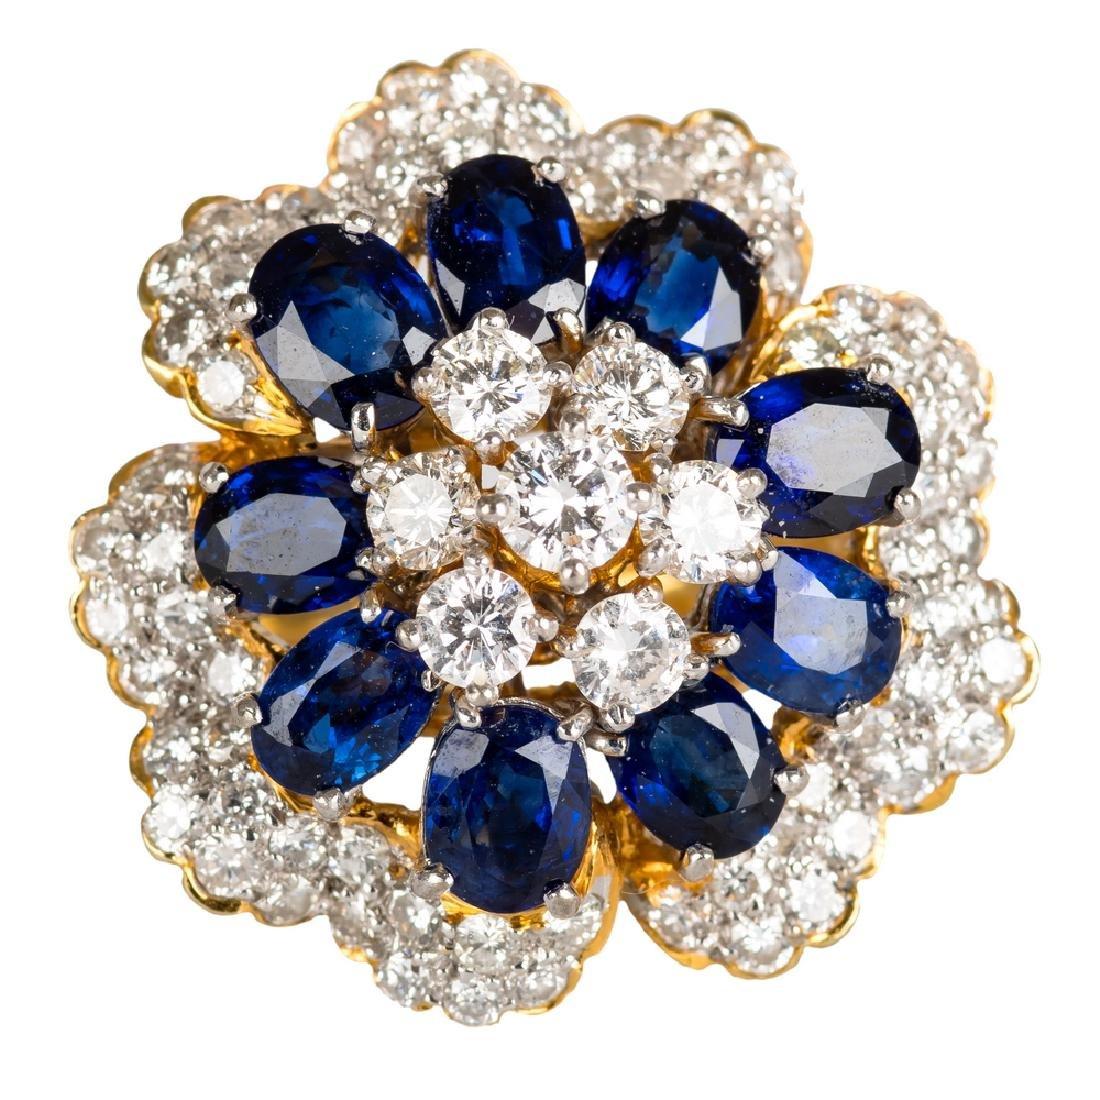 18 KARAT DIAMOND, MOISSANITE & SAPPHIRE CLUSTER RING